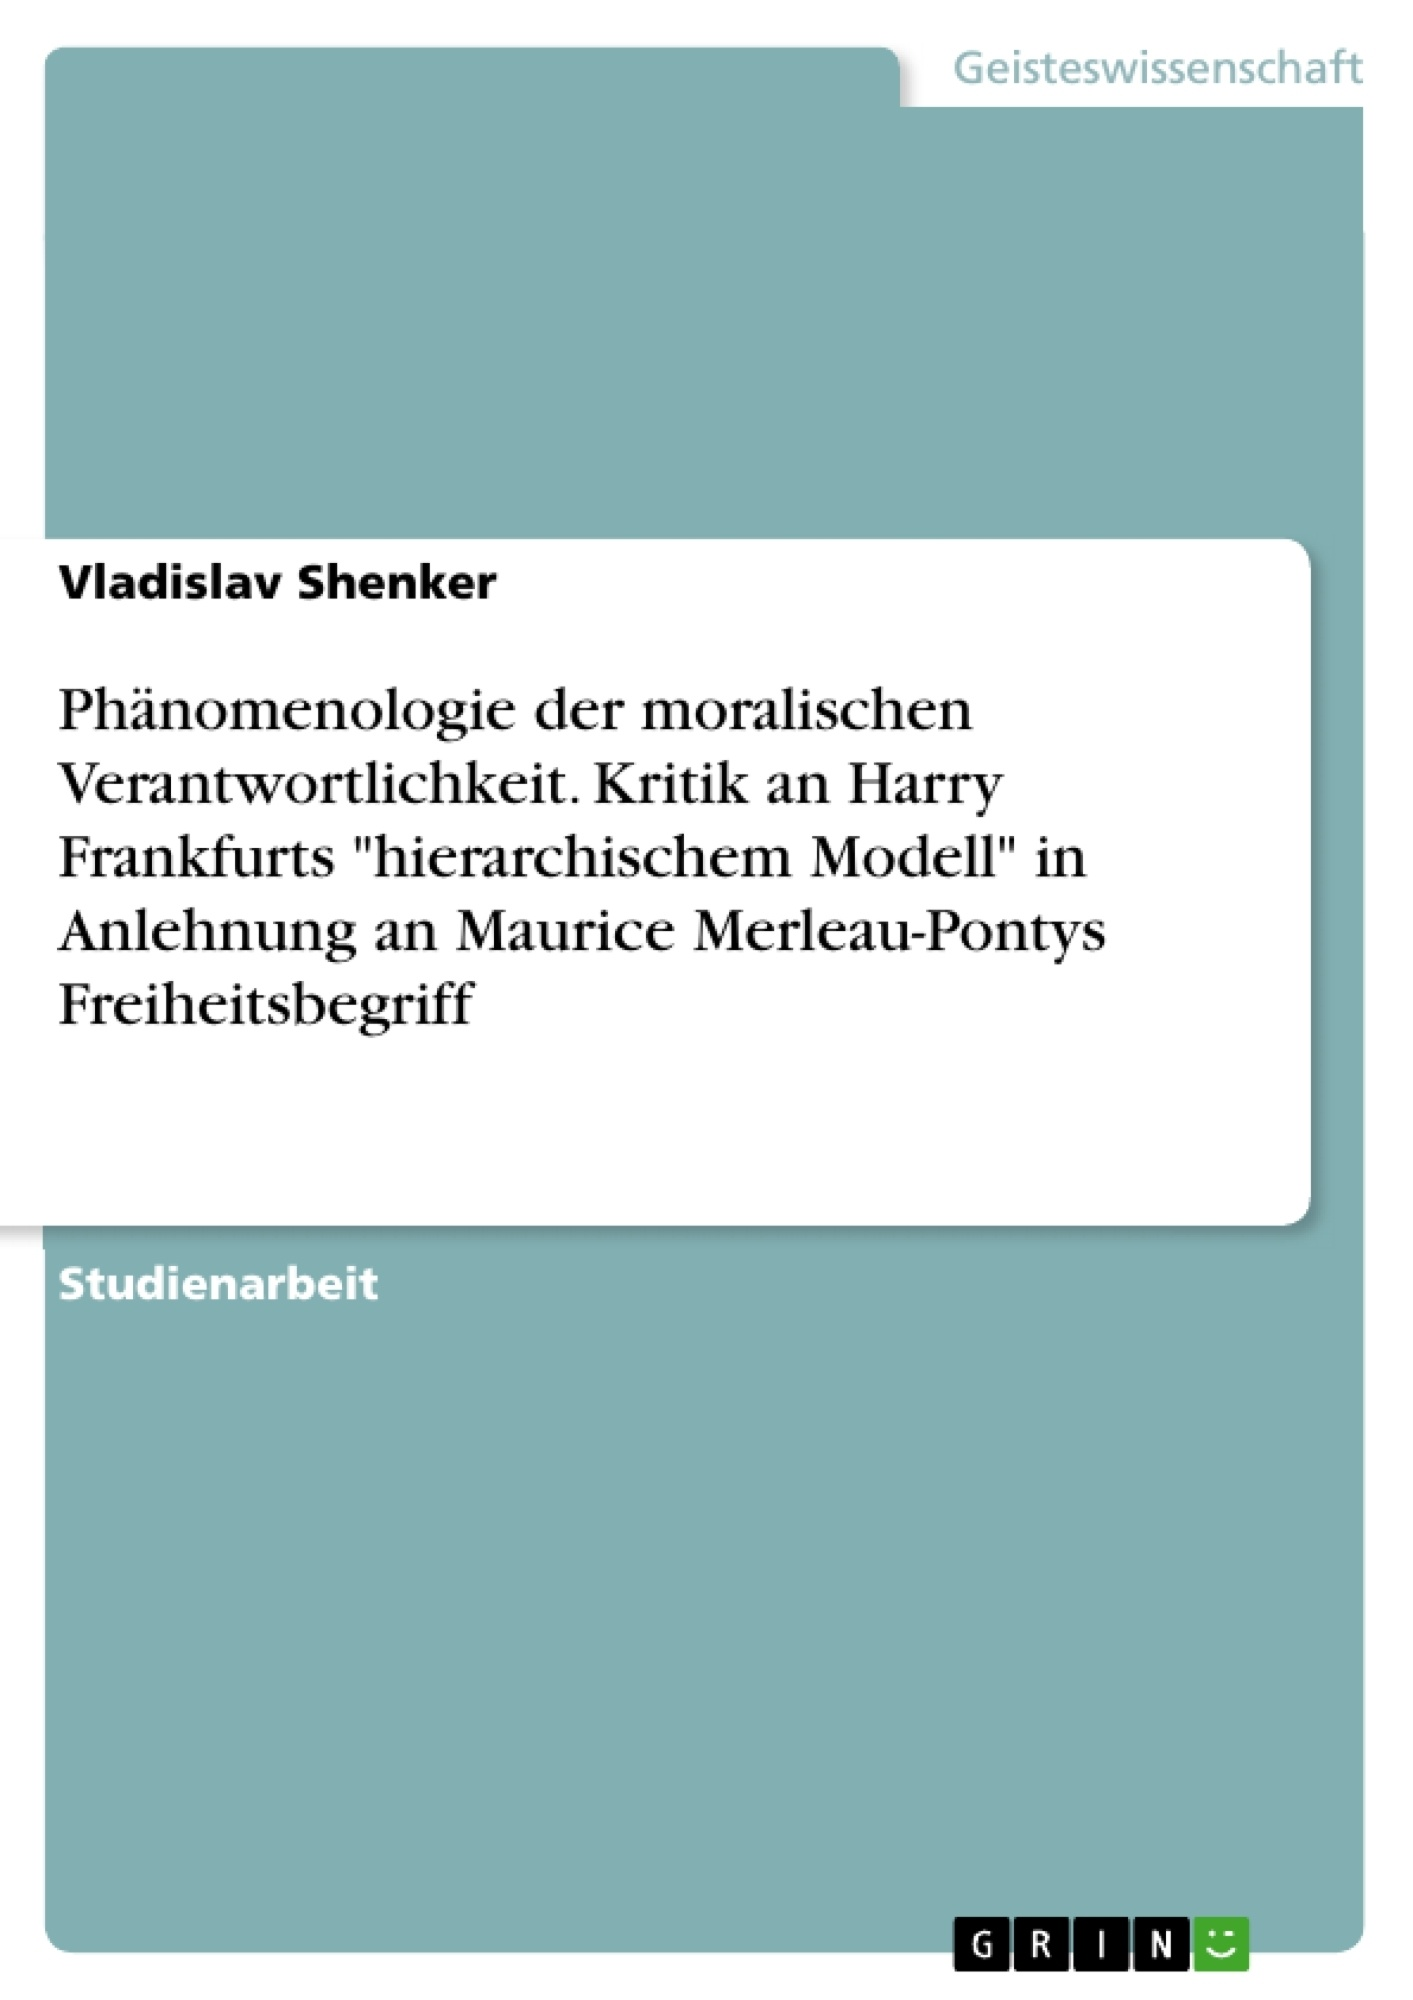 """Titel: Phänomenologie der moralischen Verantwortlichkeit. Kritik an Harry Frankfurts """"hierarchischem Modell"""" in Anlehnung an Maurice Merleau-Pontys Freiheitsbegriff"""